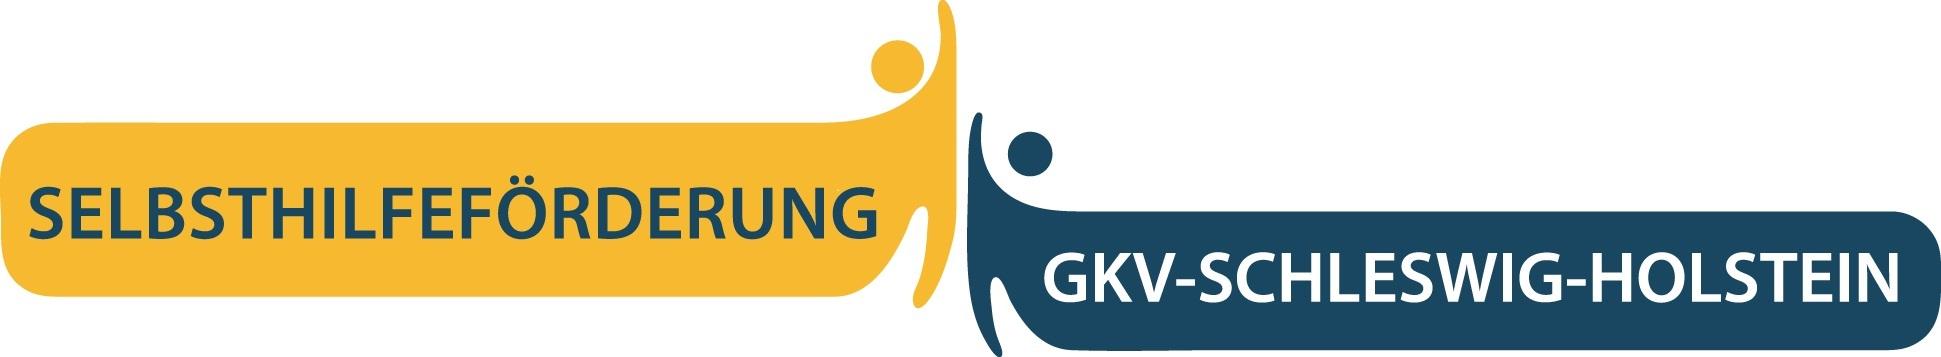 GKV Selbsthilfeförderung Schleswig-Holstein